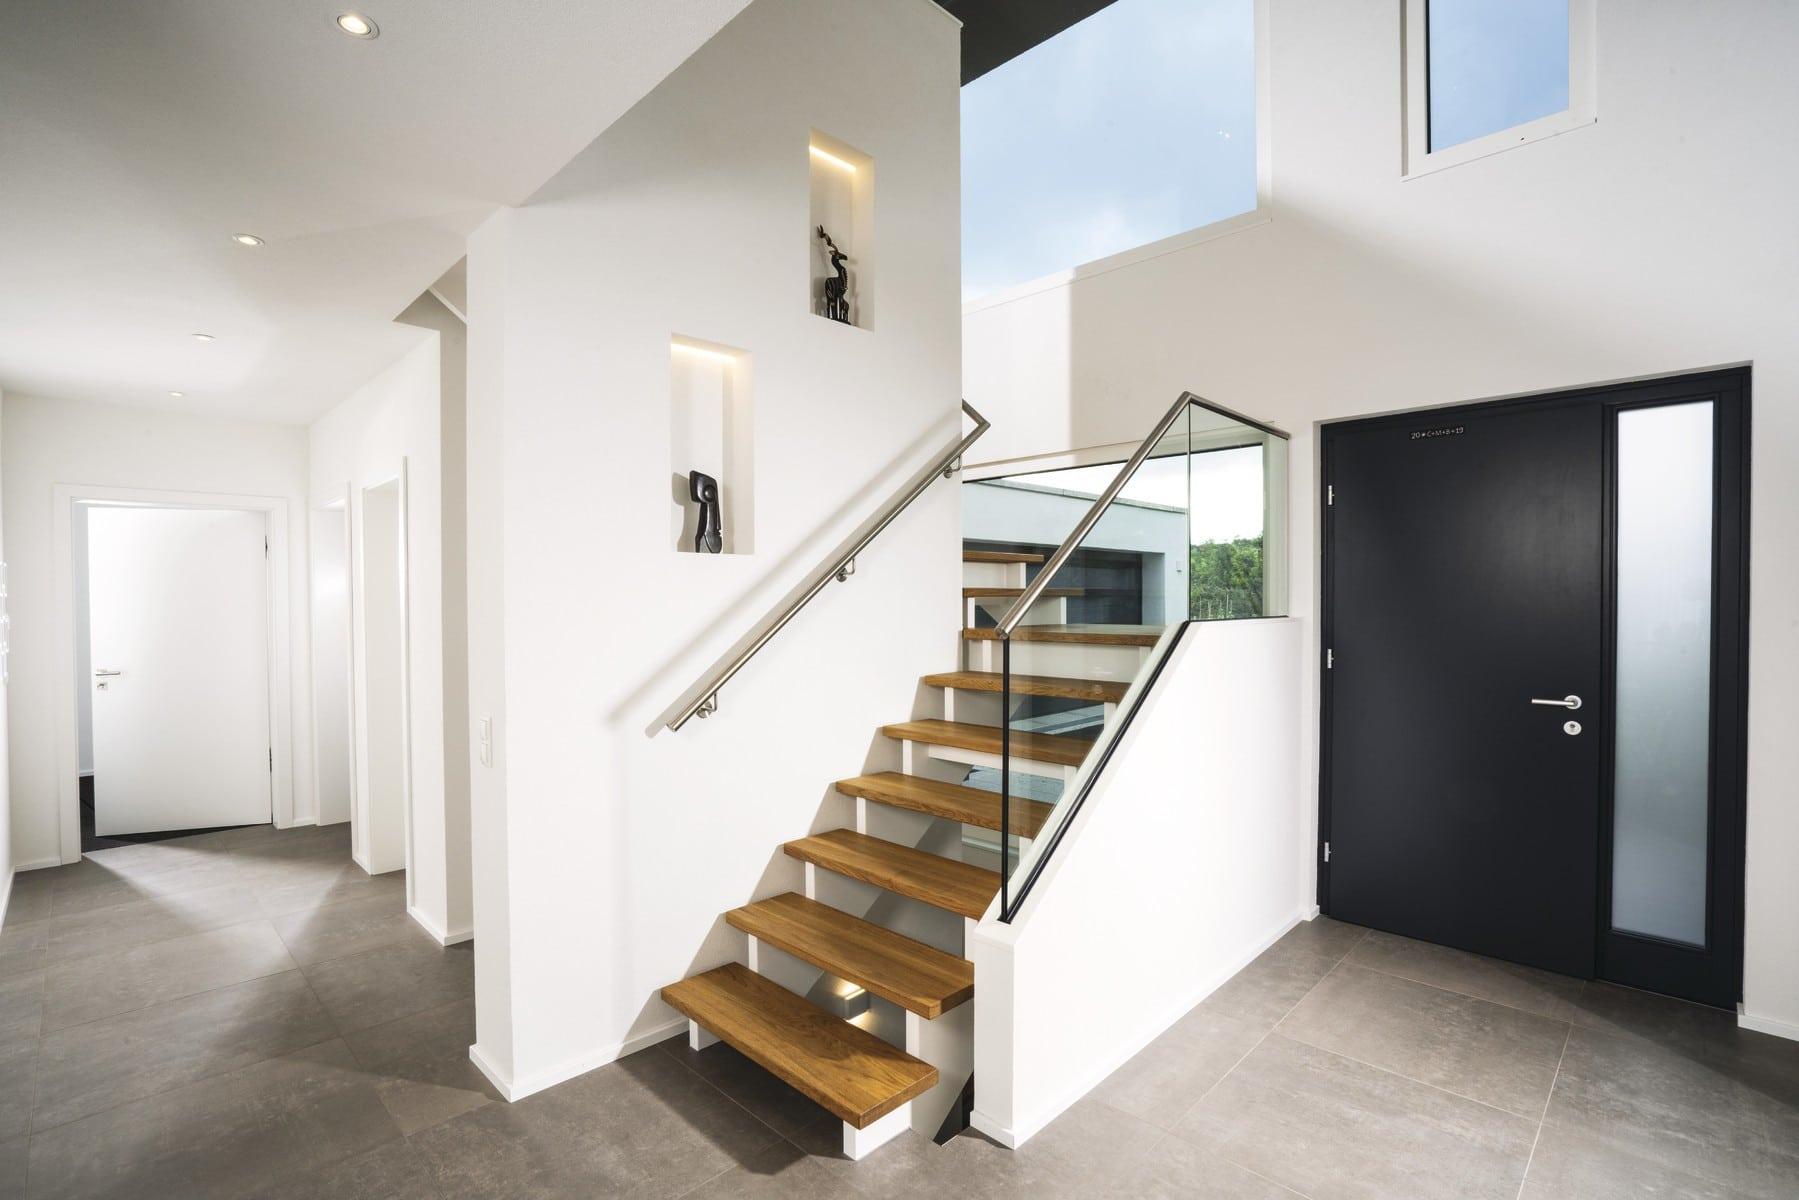 Innentreppe modern offen mit Holz, Glasgeländer und Galerie - Haus Design Ideen Treppe innen Bauhaus Villa WeberHaus Fertighaus - HausbauDirekt.de